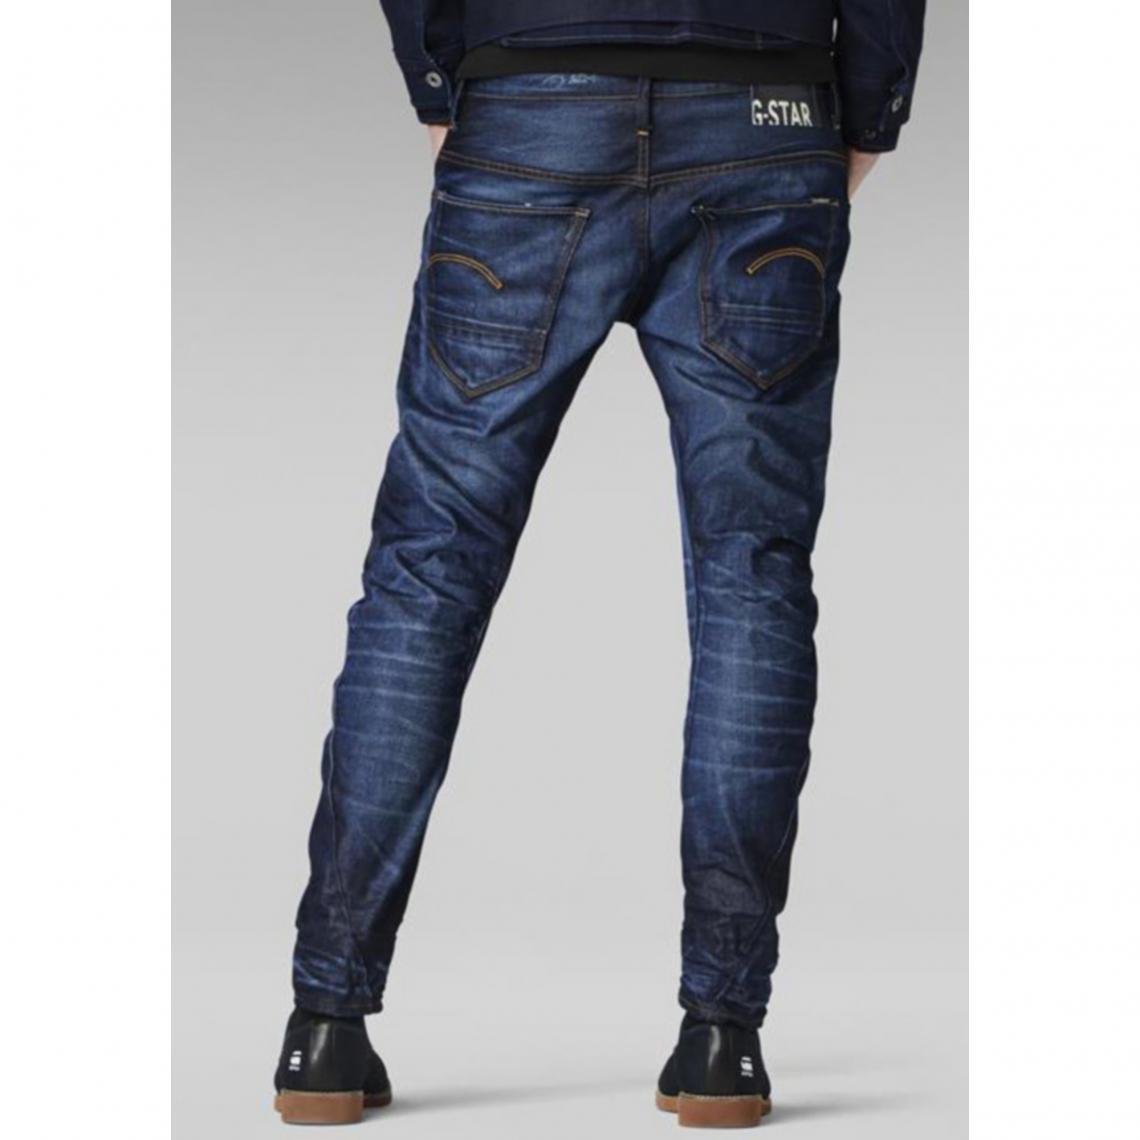 3suisses Usé 3d Star Bleu Slim Arc Used Jean G Foncé Homme 6qvFSS